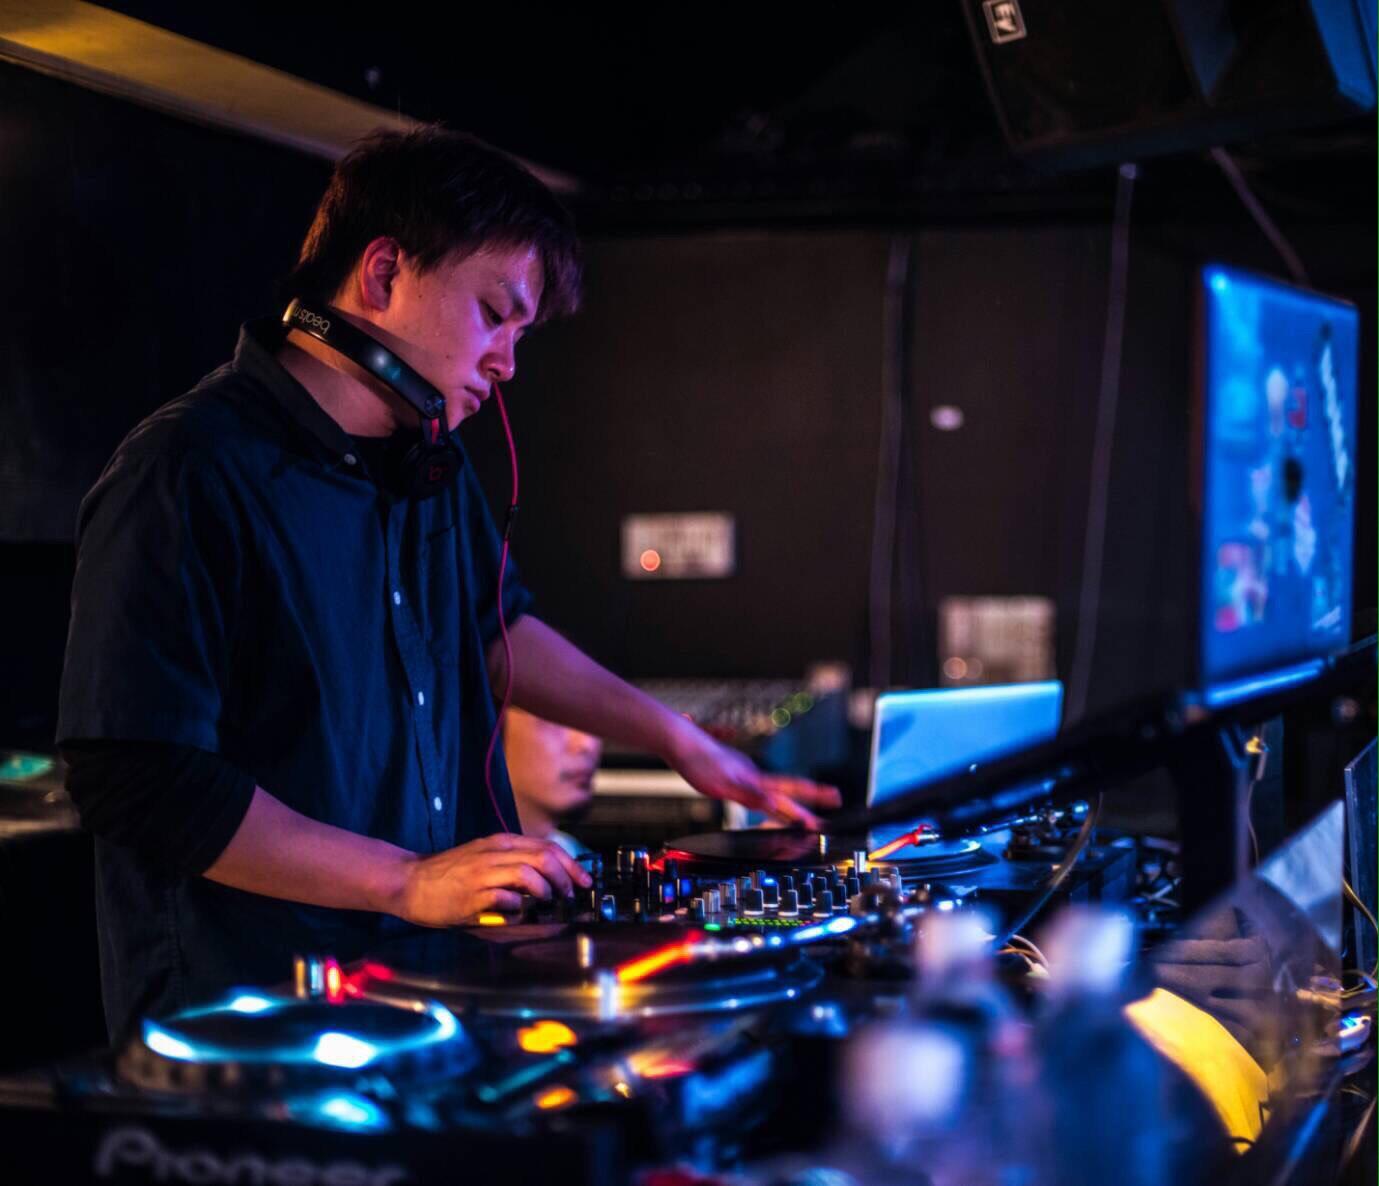 DJ kattun